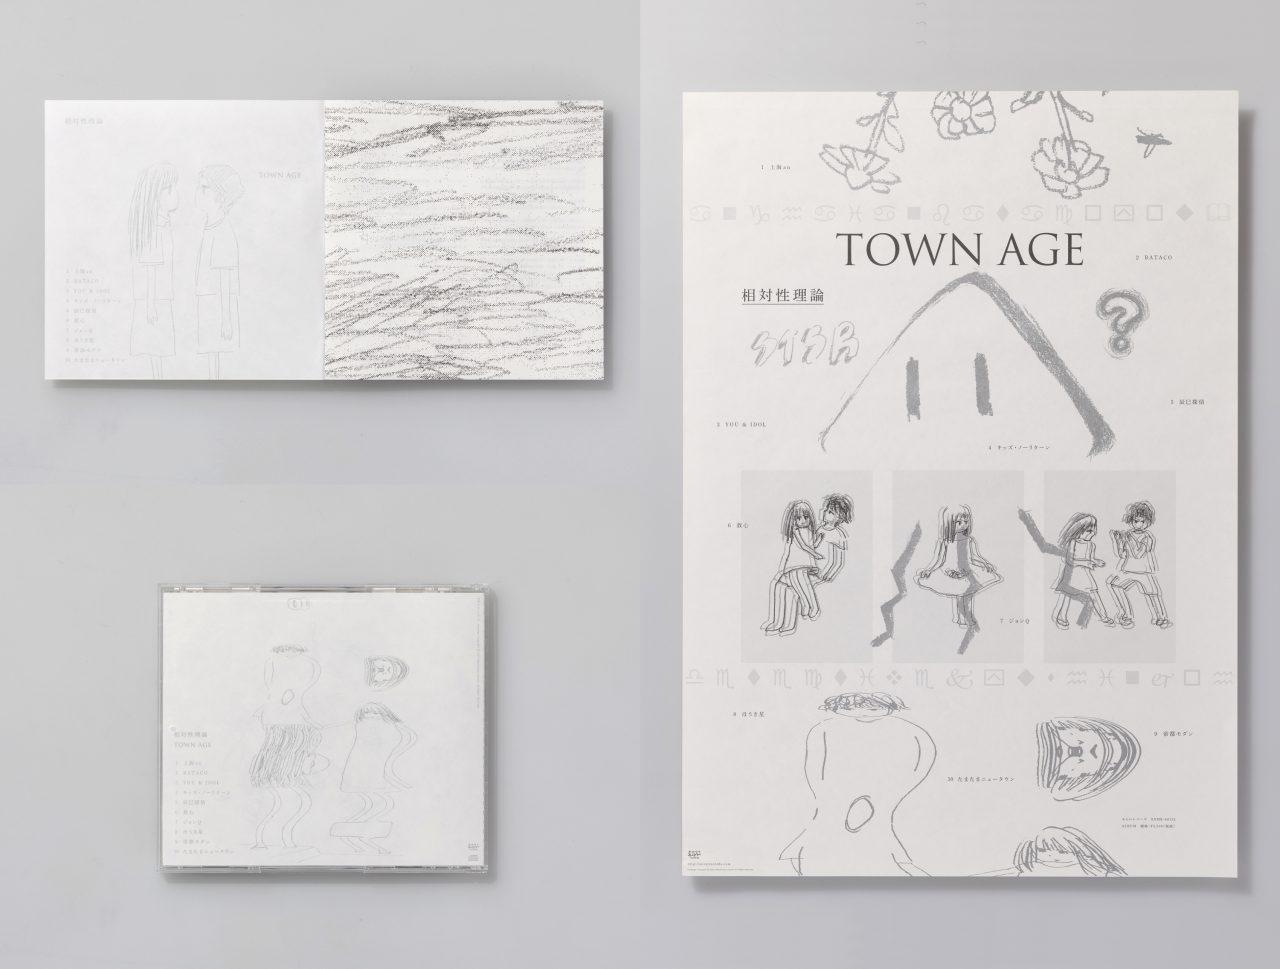 11_相対性理論 「TOWN AGE」